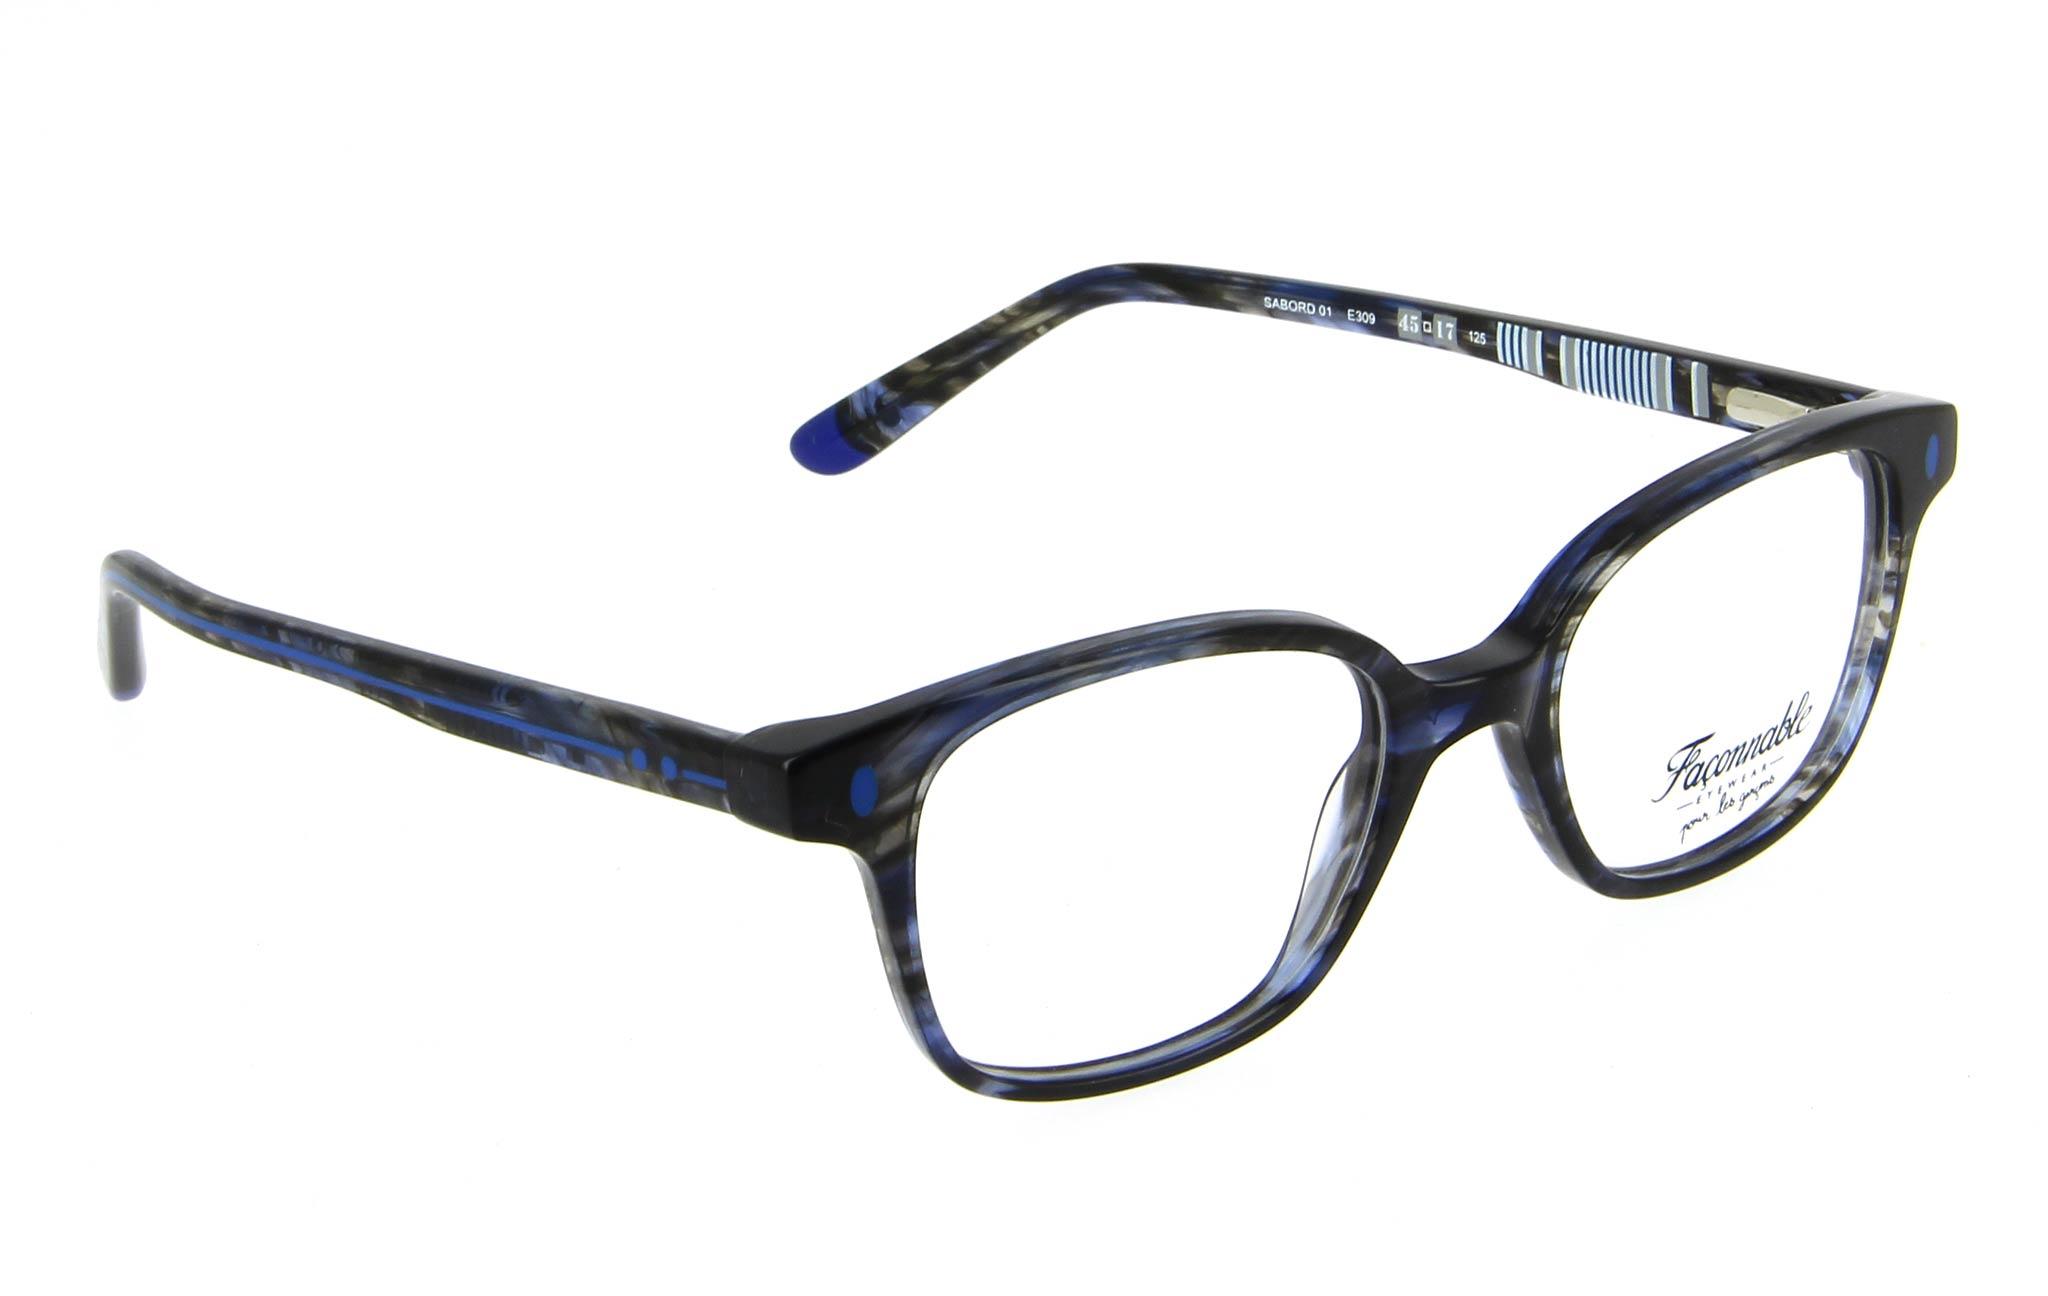 lunettes enfant faconnable sabord 01 e309 bleu fonce